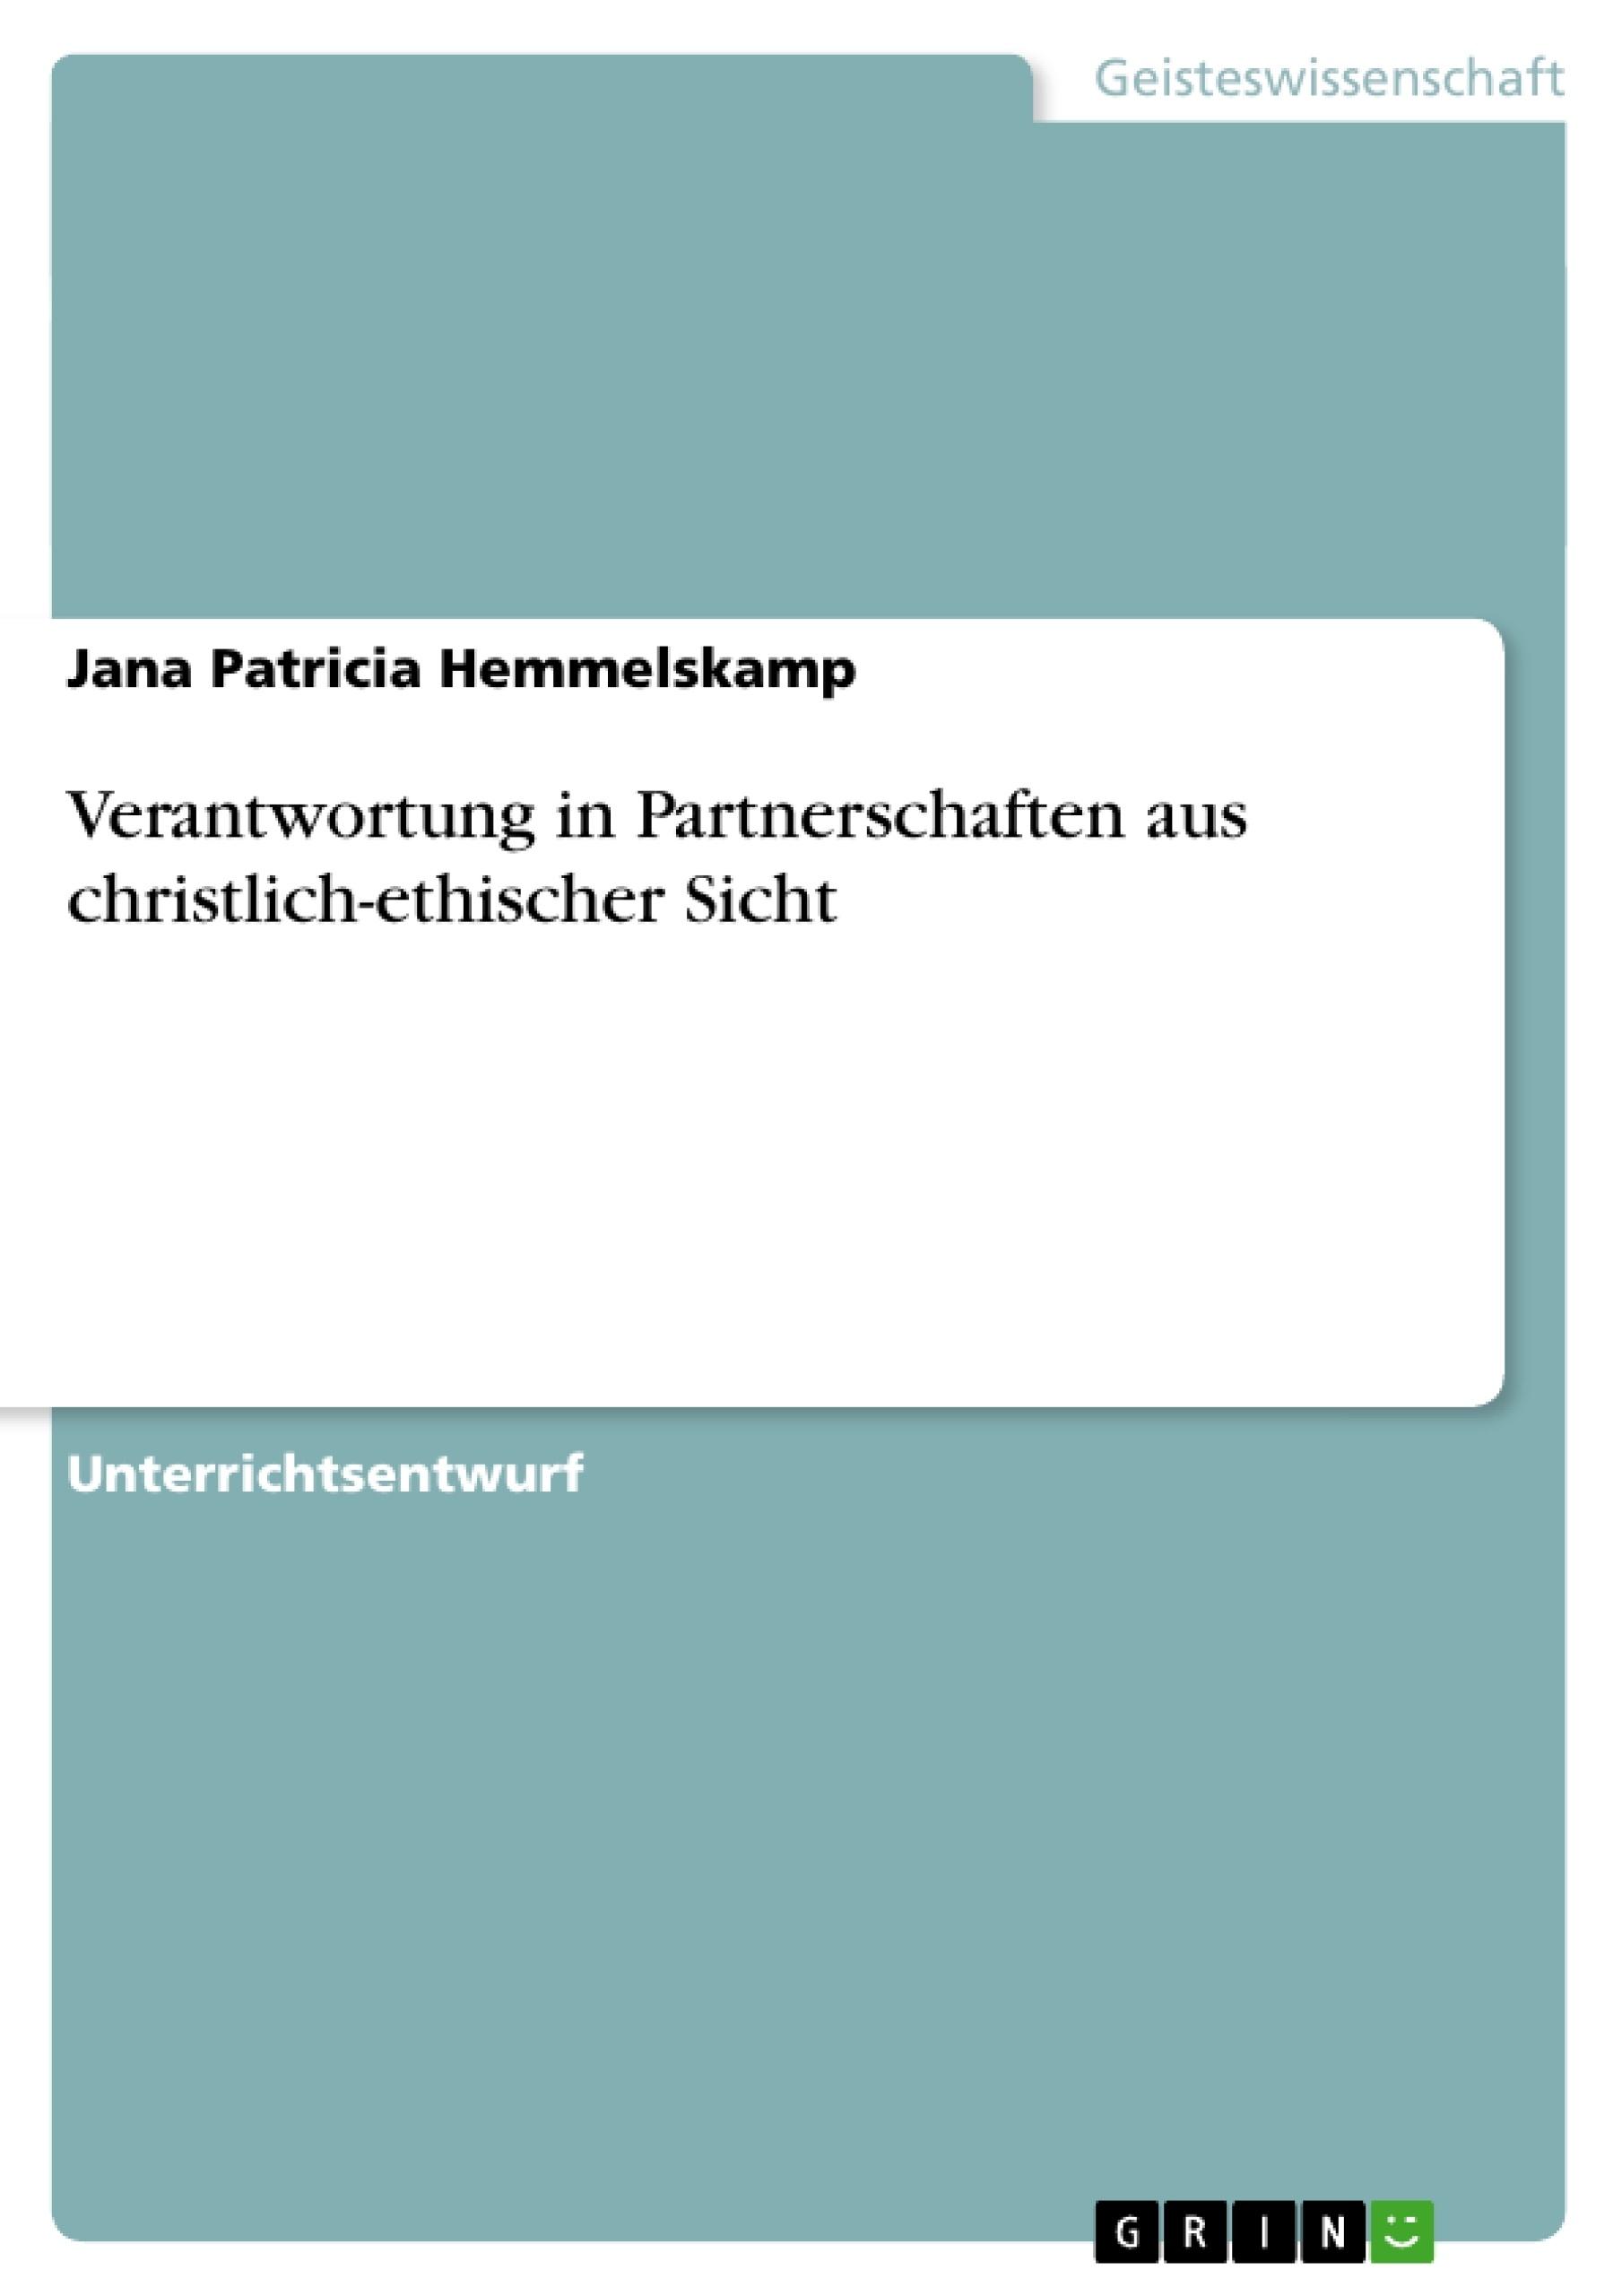 Titel: Verantwortung in Partnerschaften aus christlich-ethischer Sicht